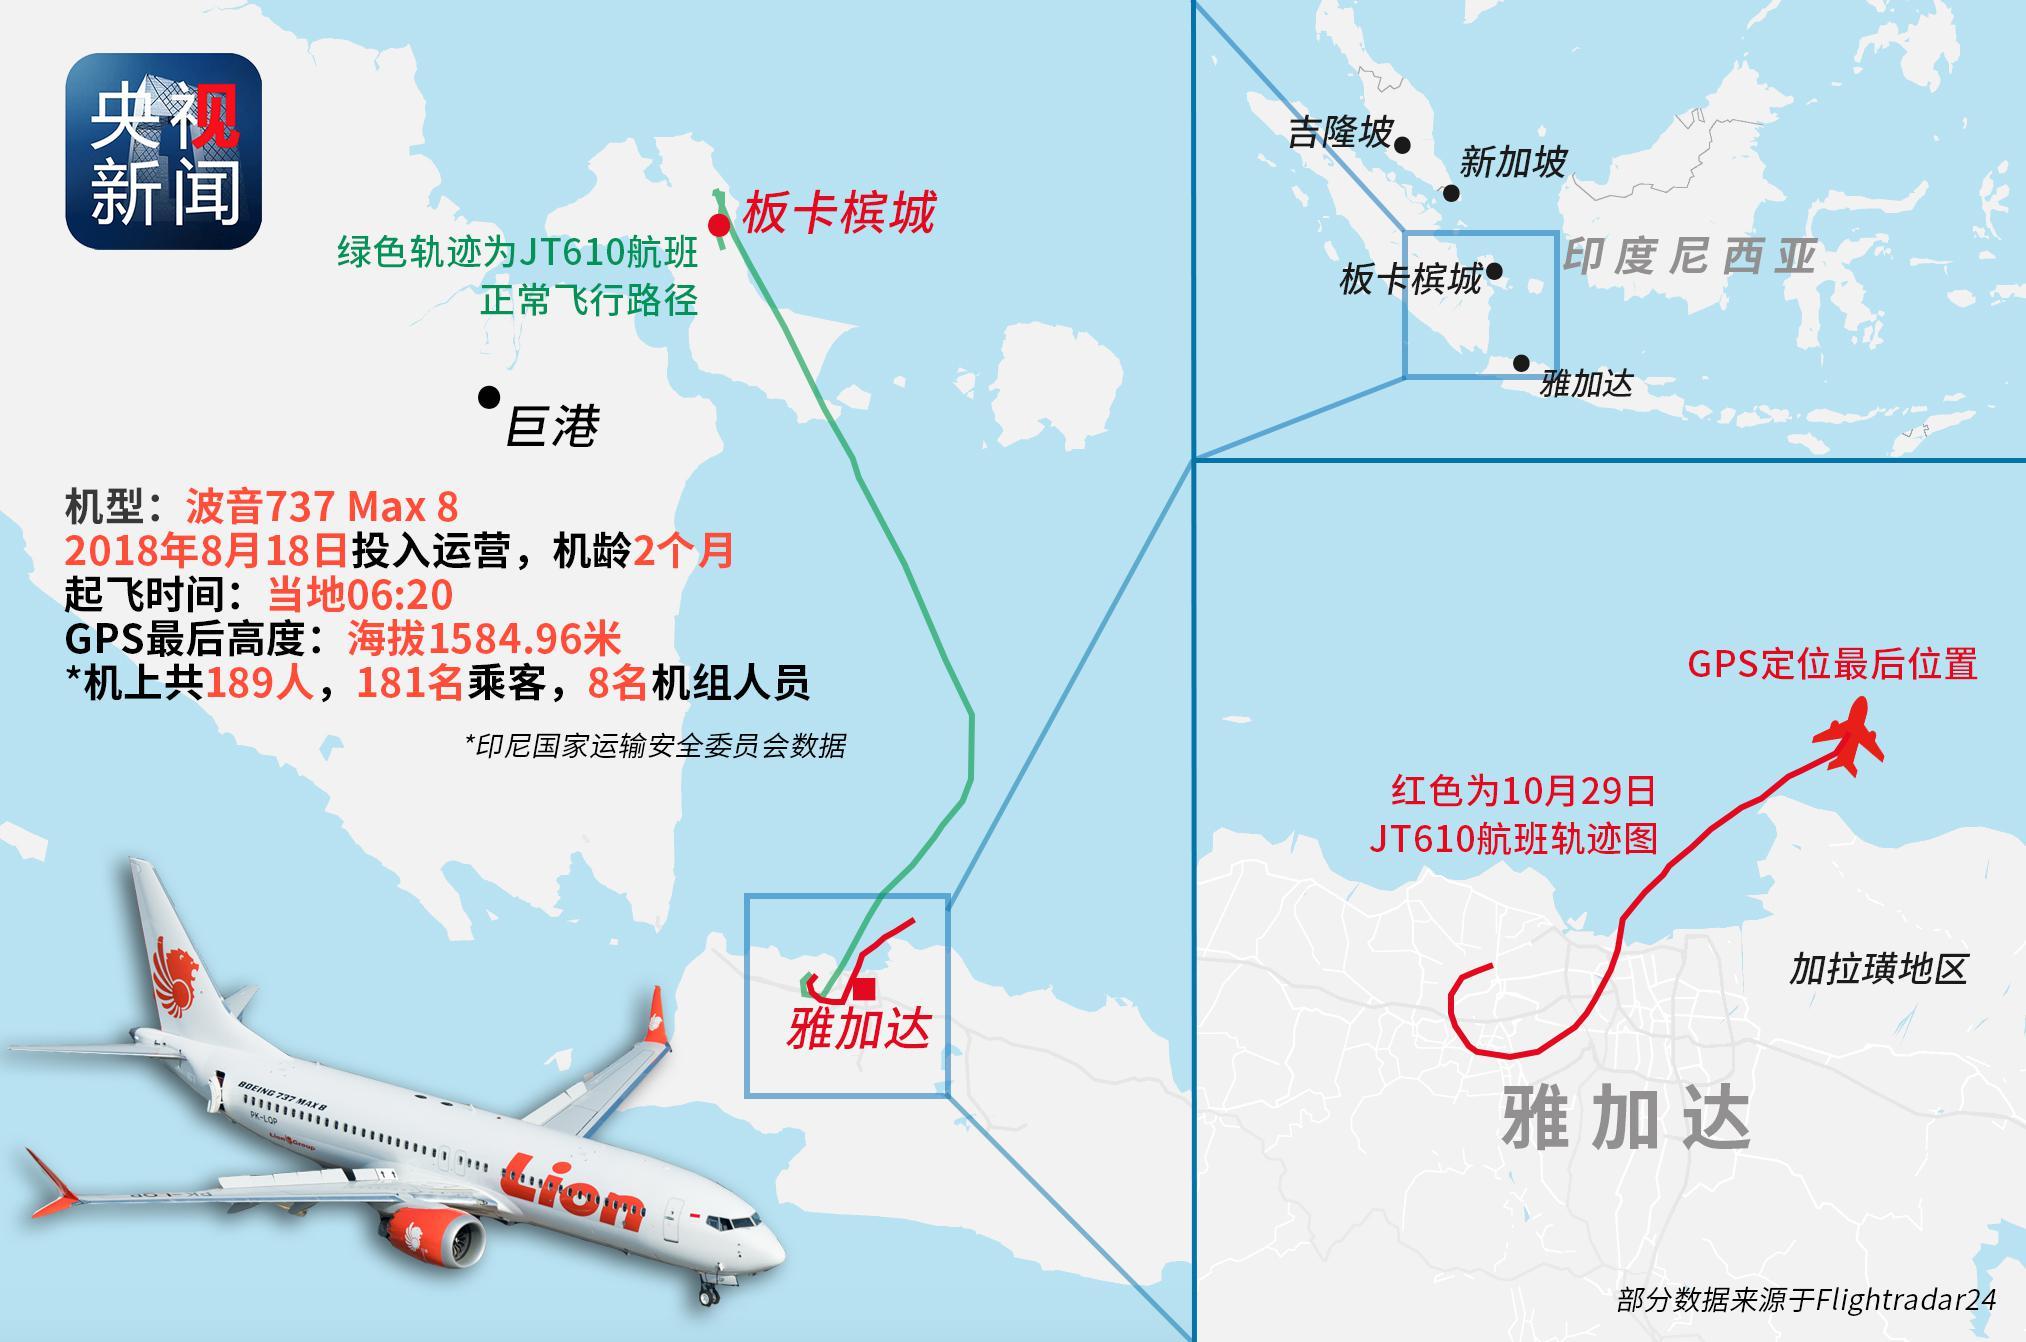 印尼狮航客机飞行路径图曝光 坠毁前曾试图折返